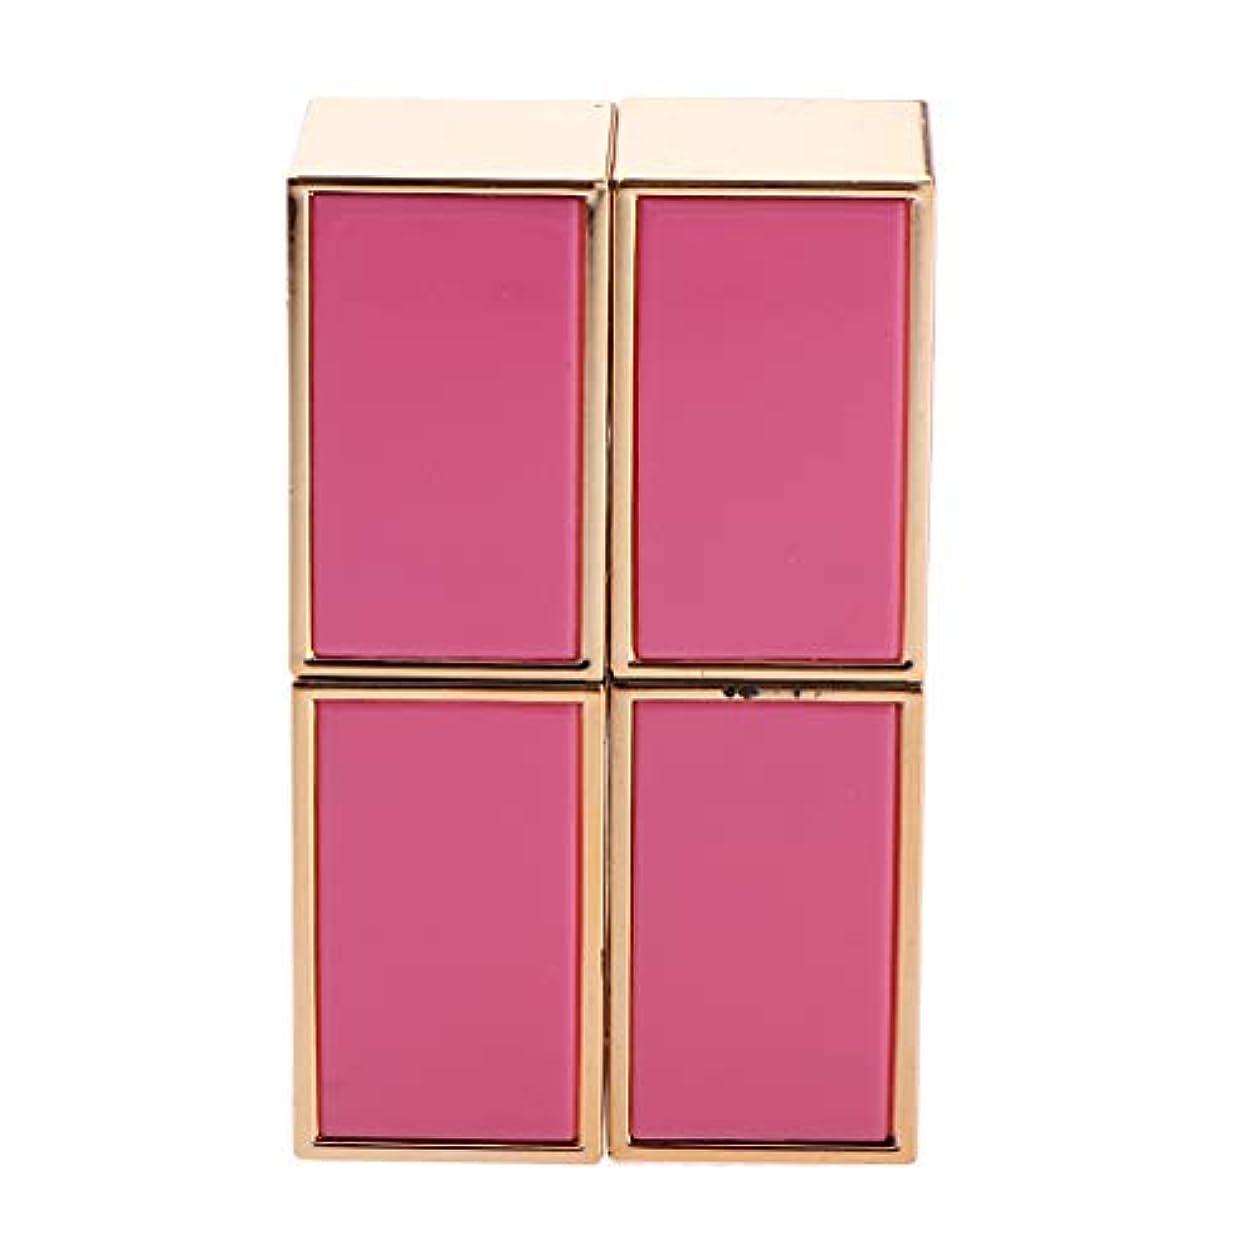 ディレクターブランク繁雑2本 口紅管 口紅チューブ DIY リップバーム/リップスティック 手作り化粧品 2色選べ - ピンク